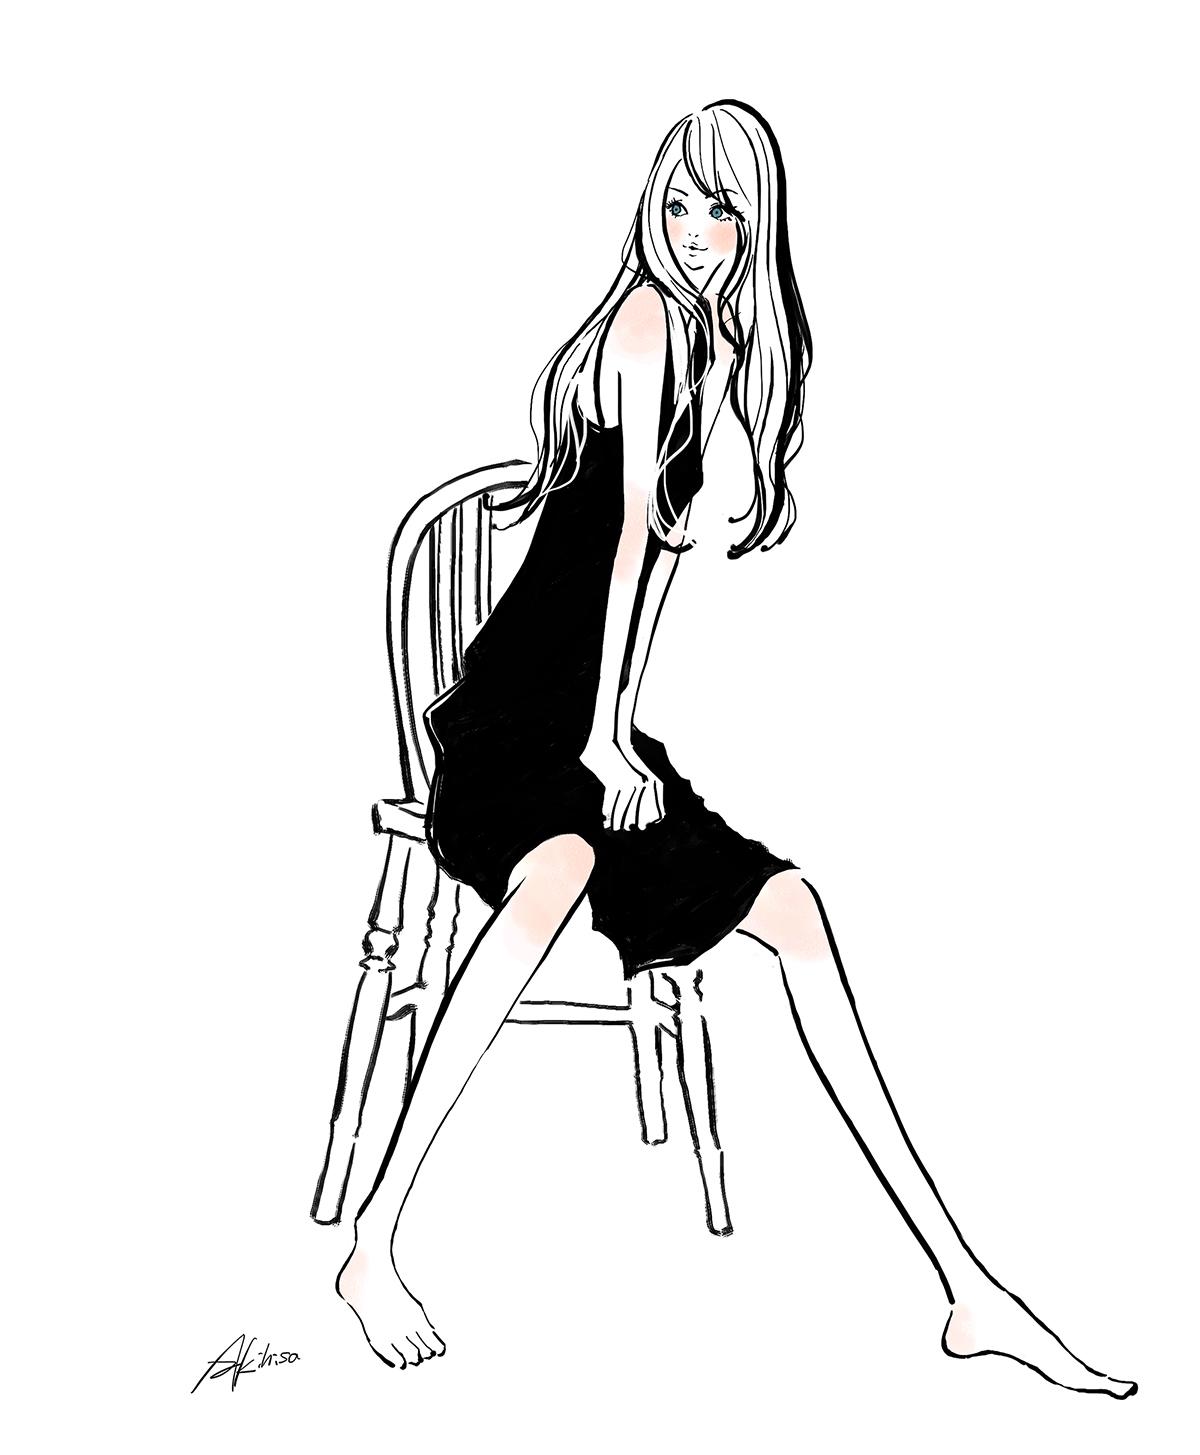 イラスト/モノトーン・椅子に座るドレスの女性